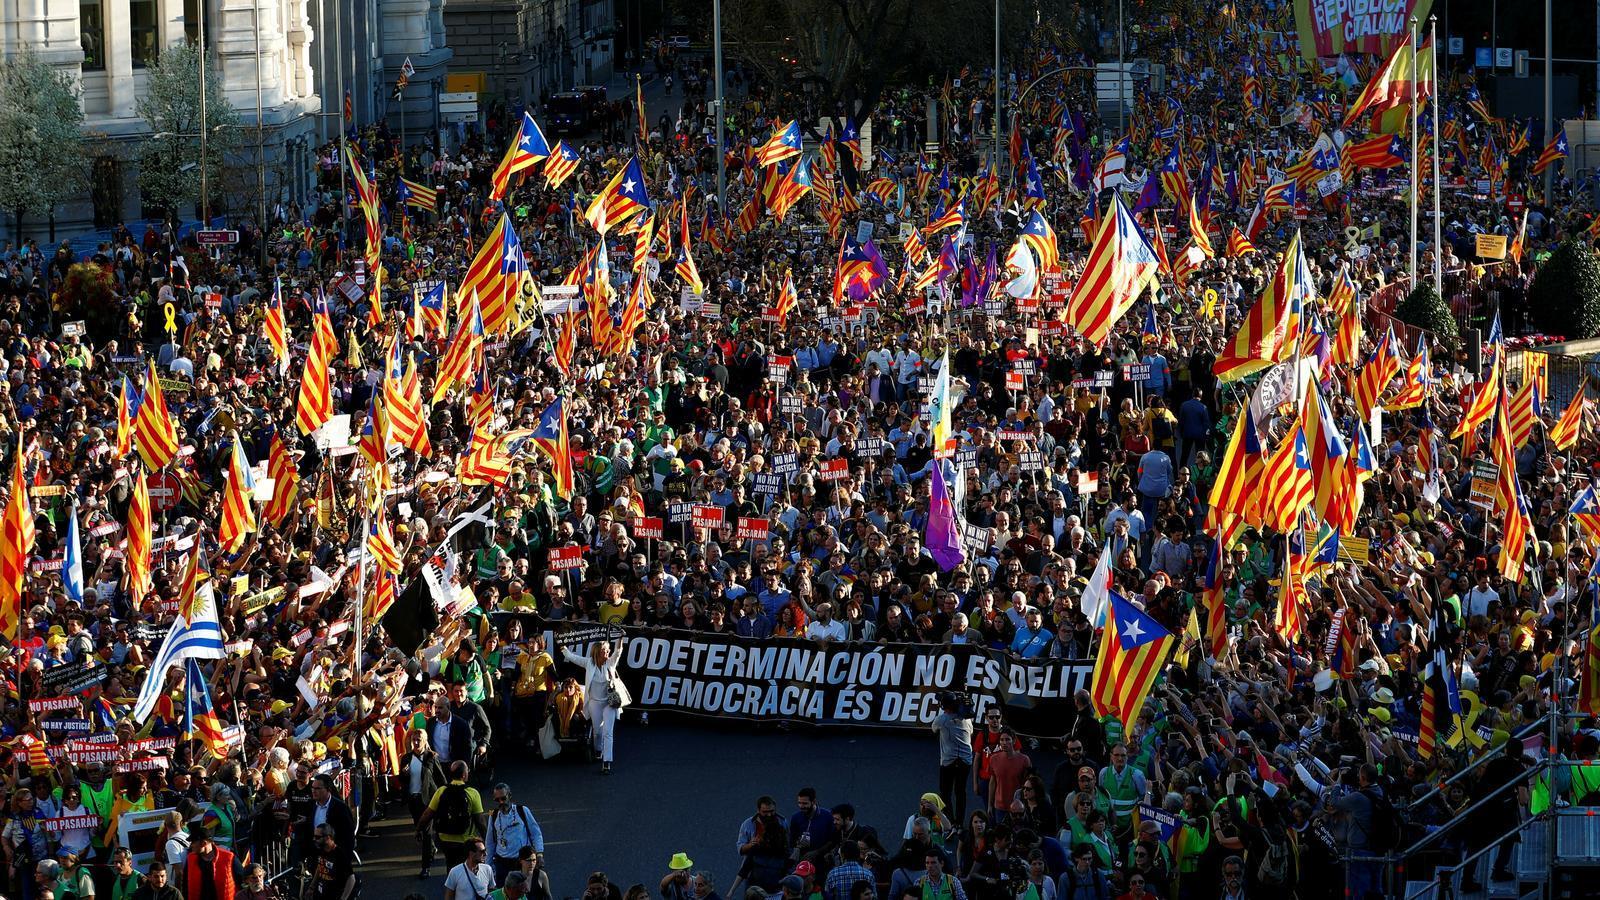 TV3 emetrà el 13 d'abril el programa compensatori per la manifestació sobiranista de Madrid